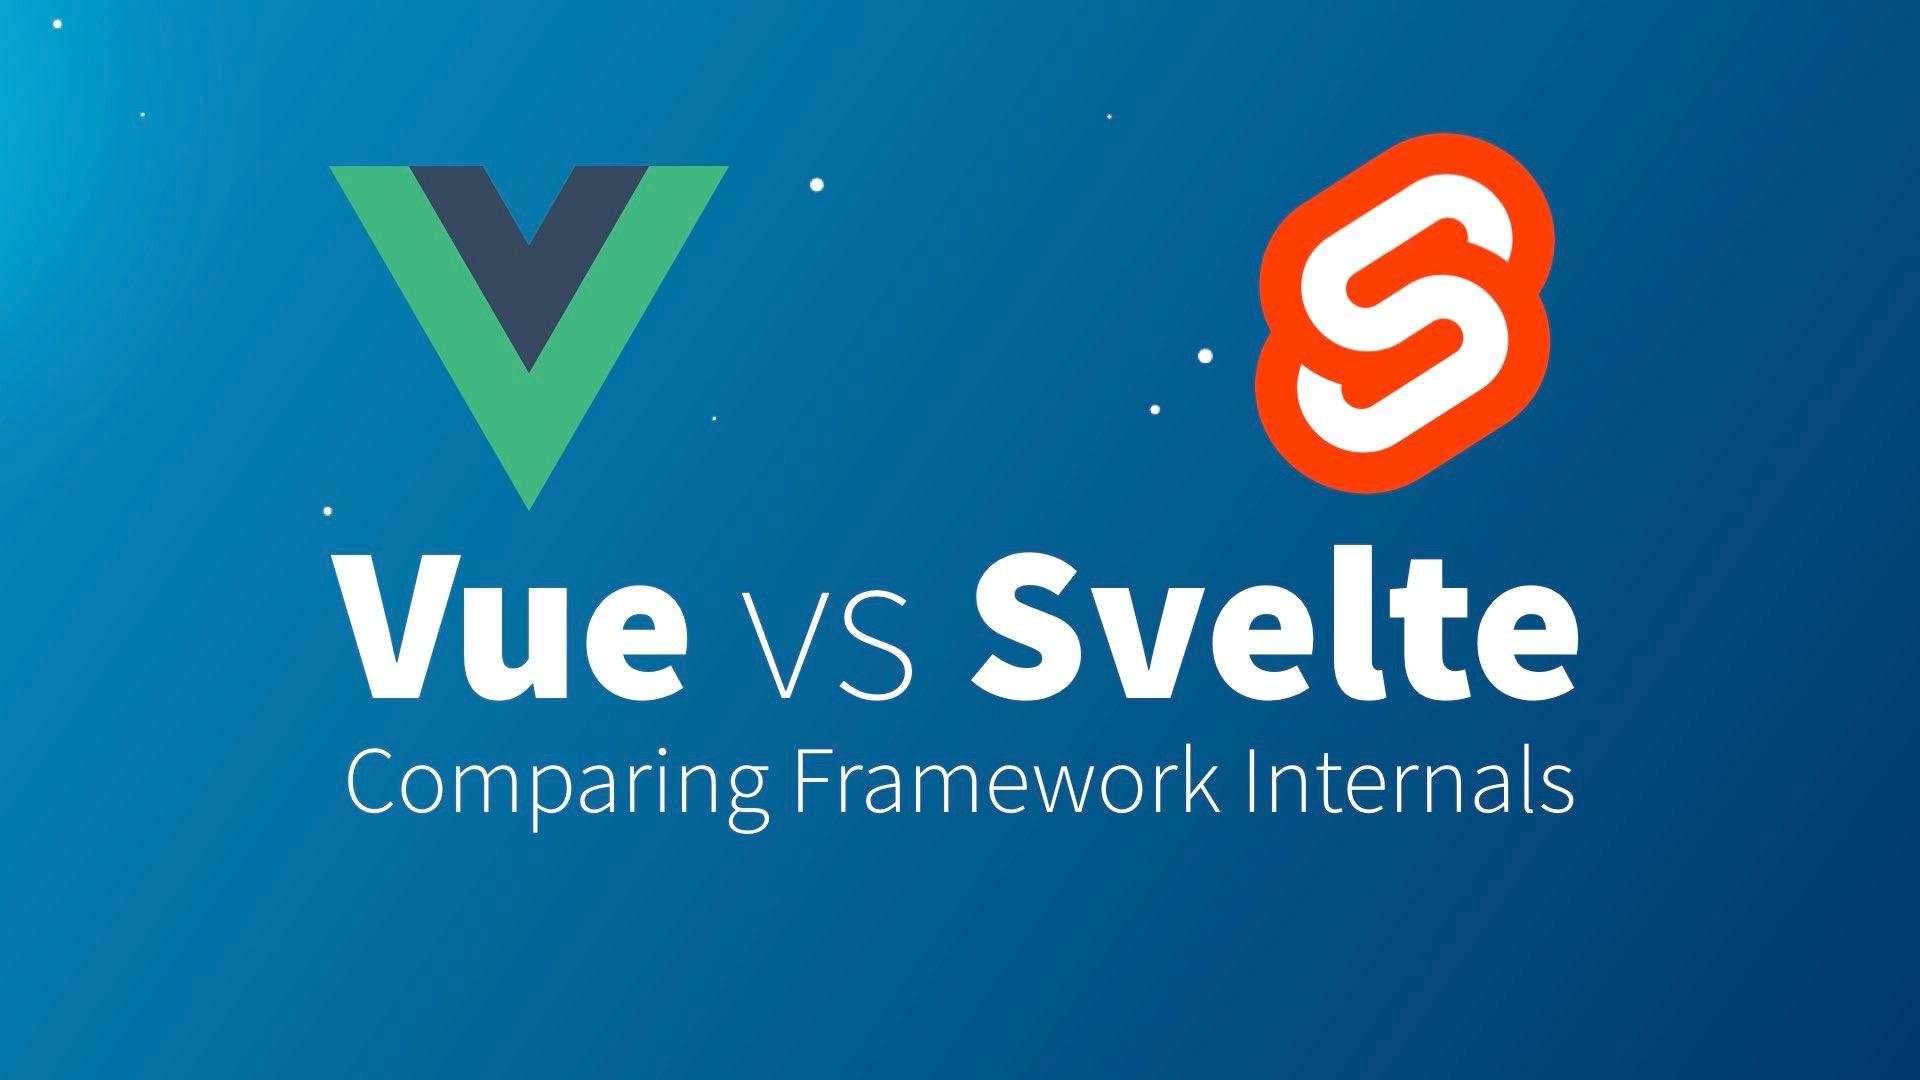 Vue vs Svelte: Comparing Framework Internals